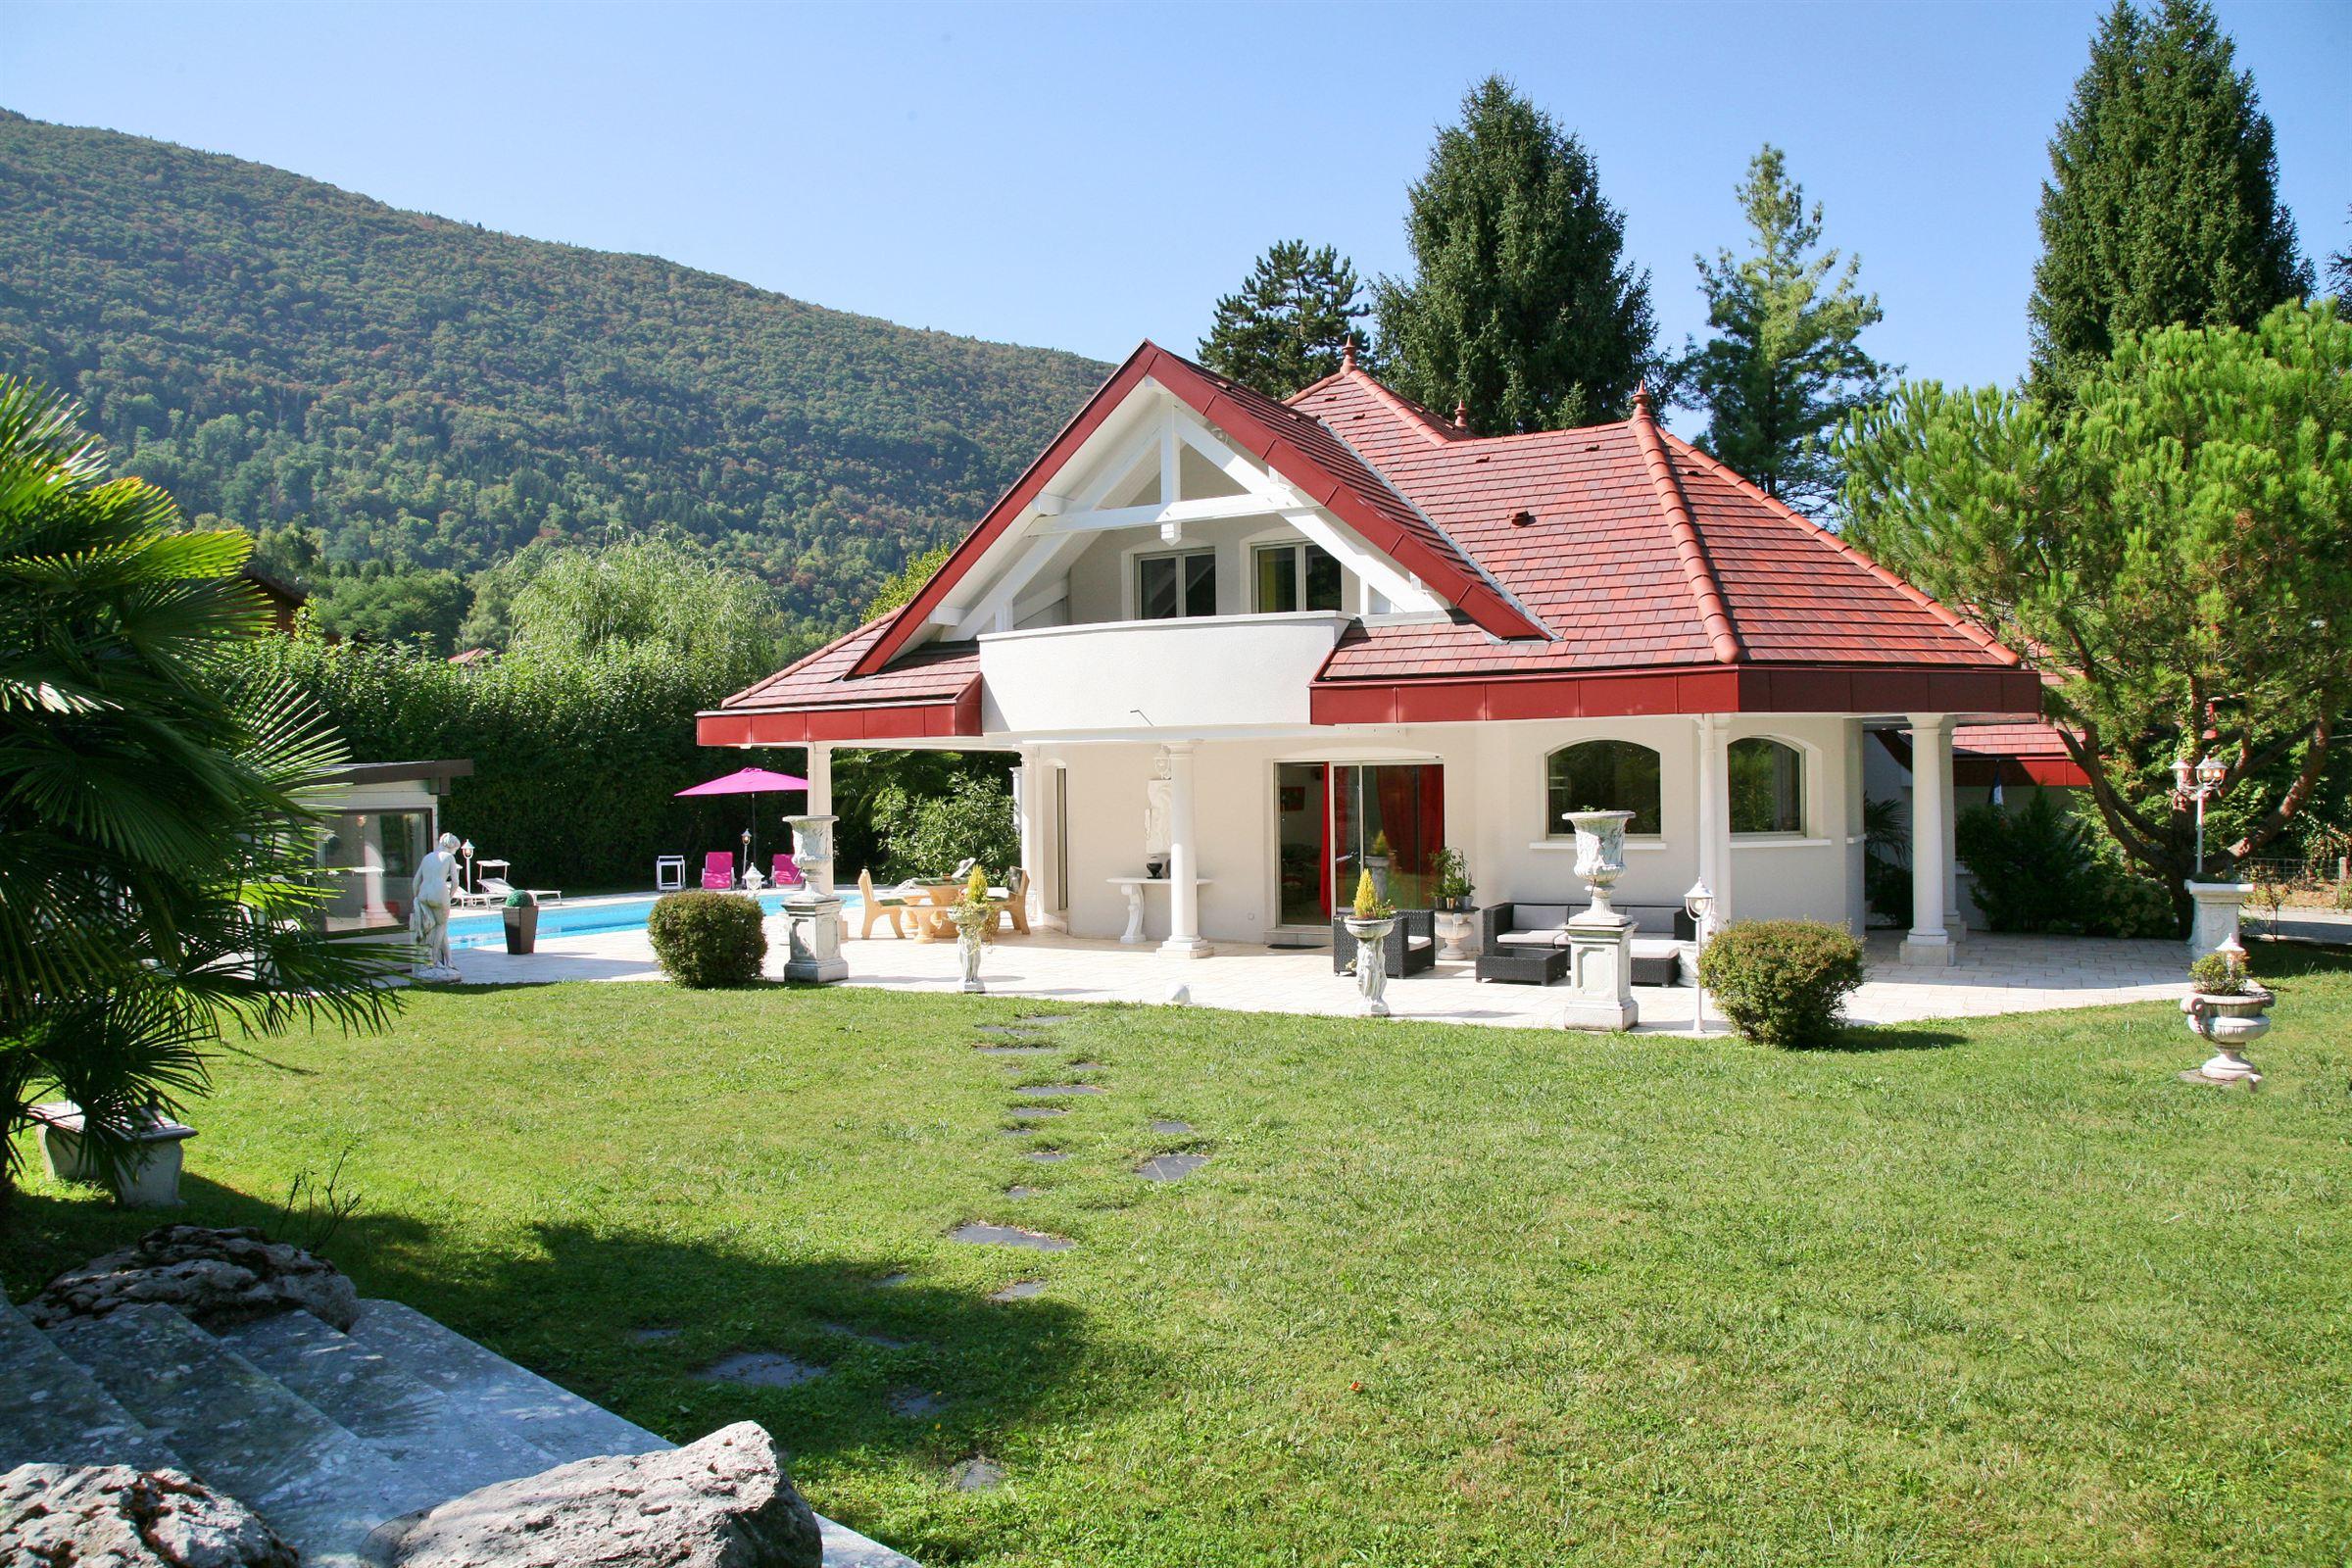 Villa per Vendita alle ore Property Sevrier, Rodano-Alpi, 74320 Francia